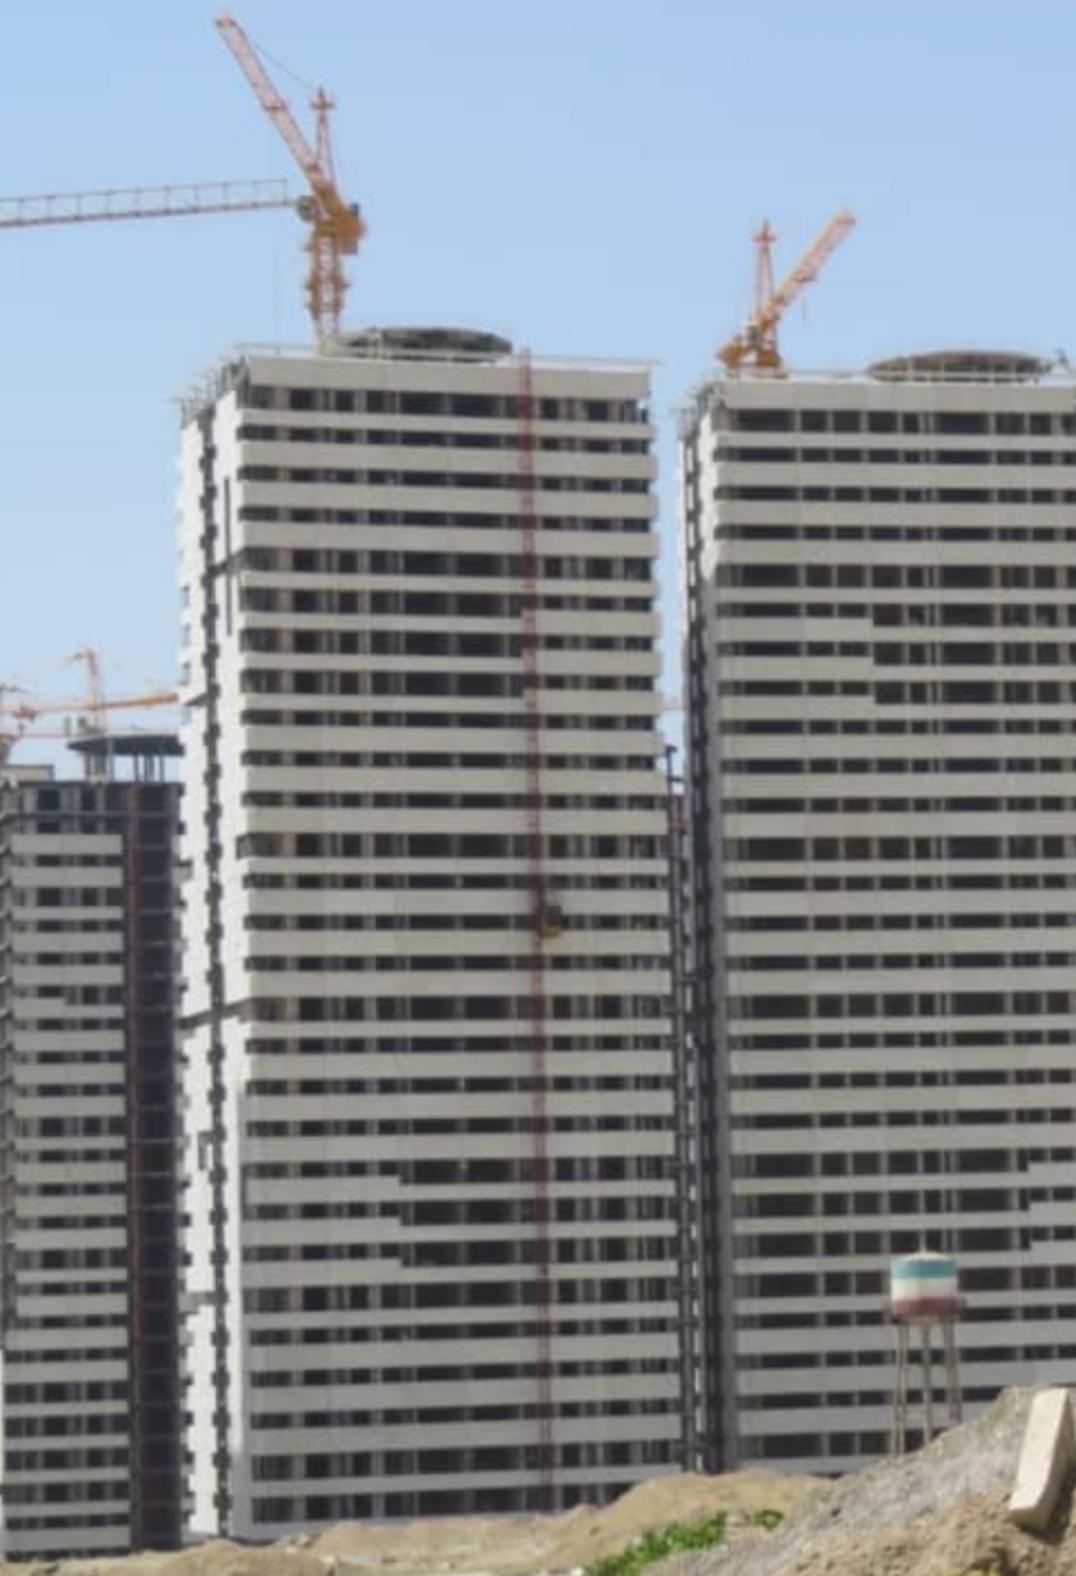 فروش واحدهای مختلف در چیتگر برجهای خرازی